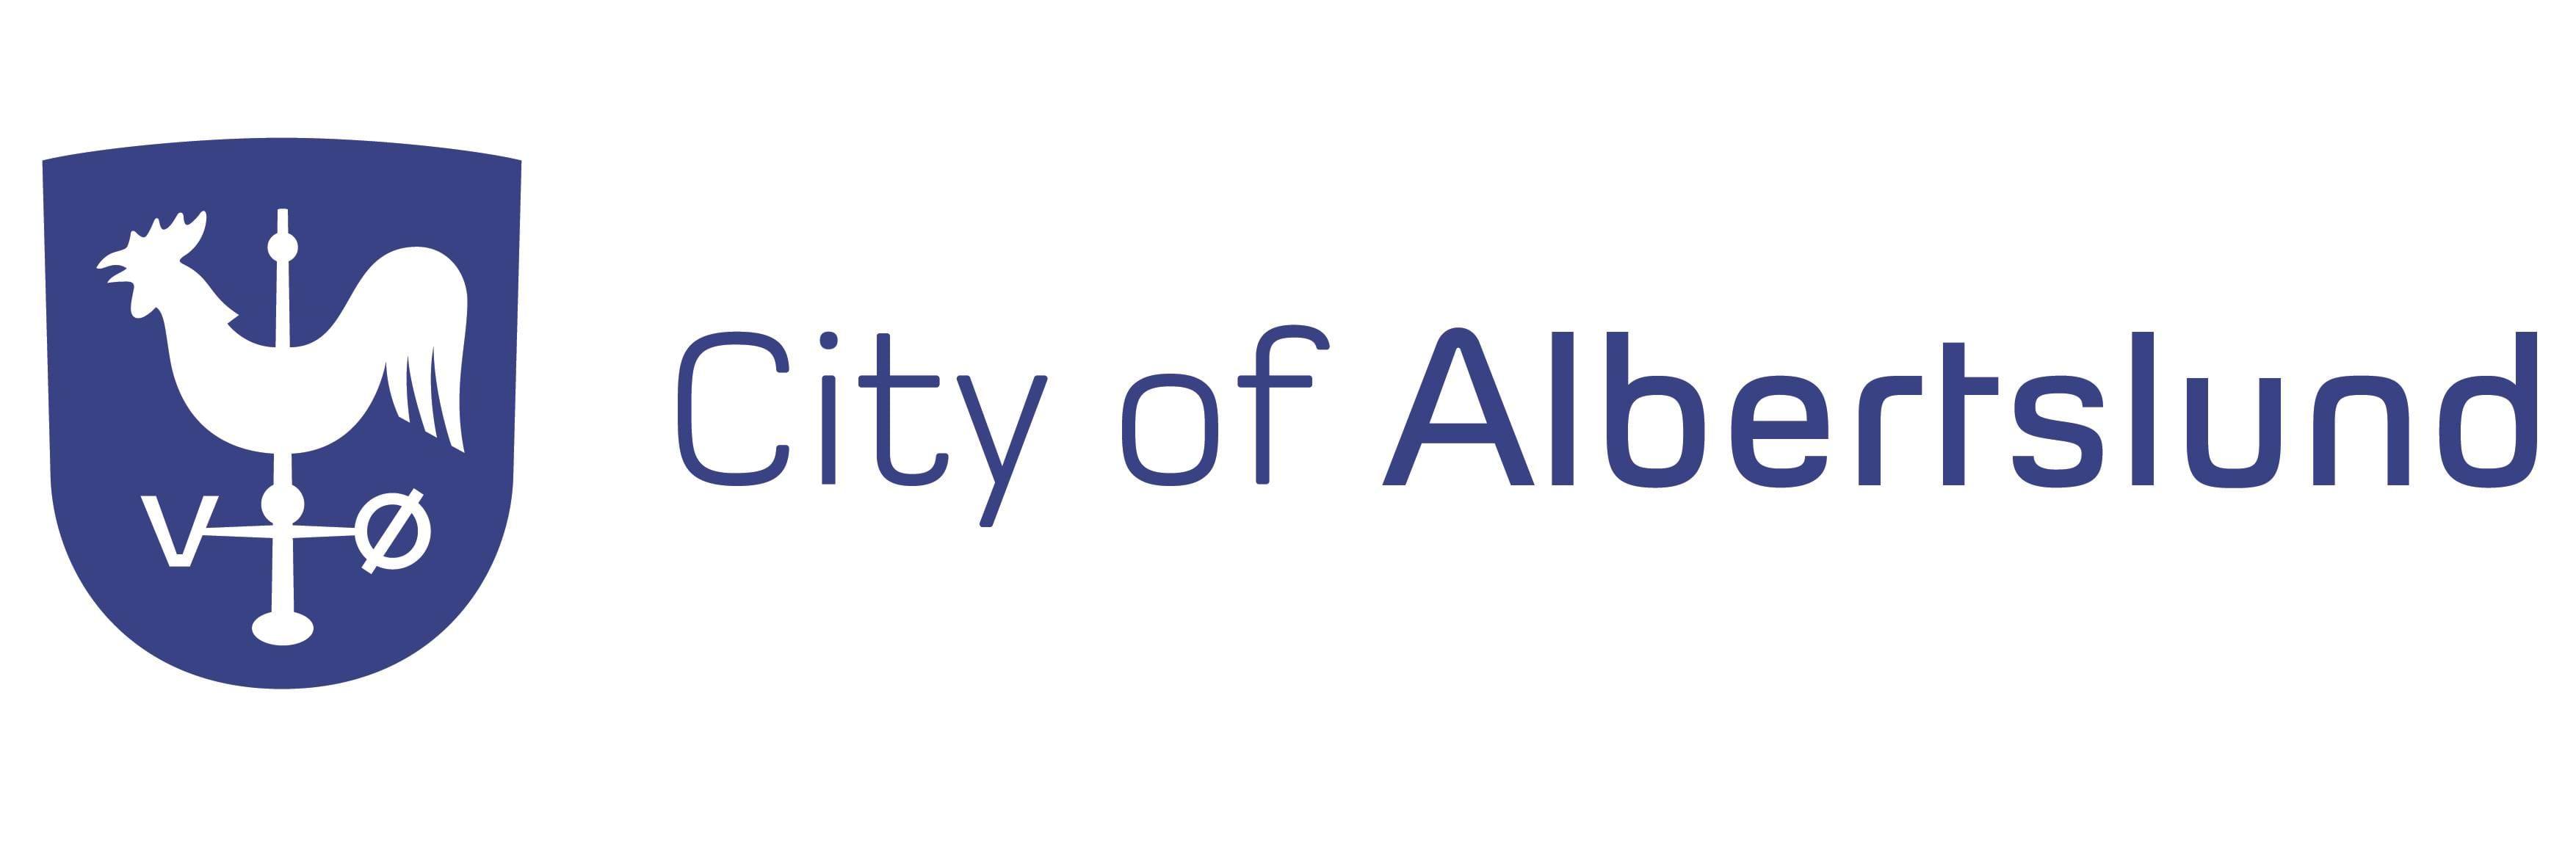 City of Albertslund